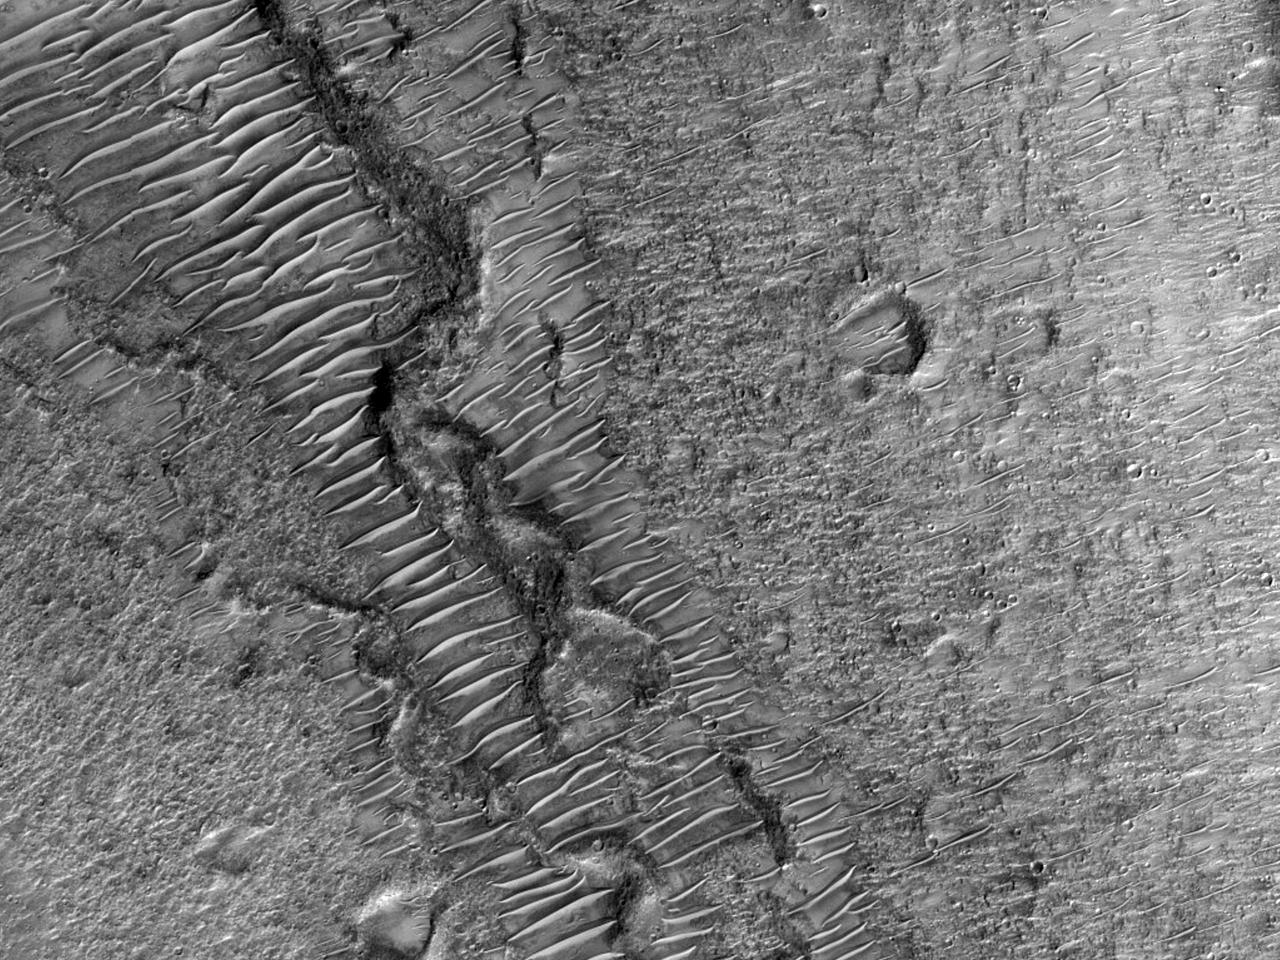 דיונות חול צרות ושטח אבני בכאוס הידראוטס (Hydraotes Chaos)